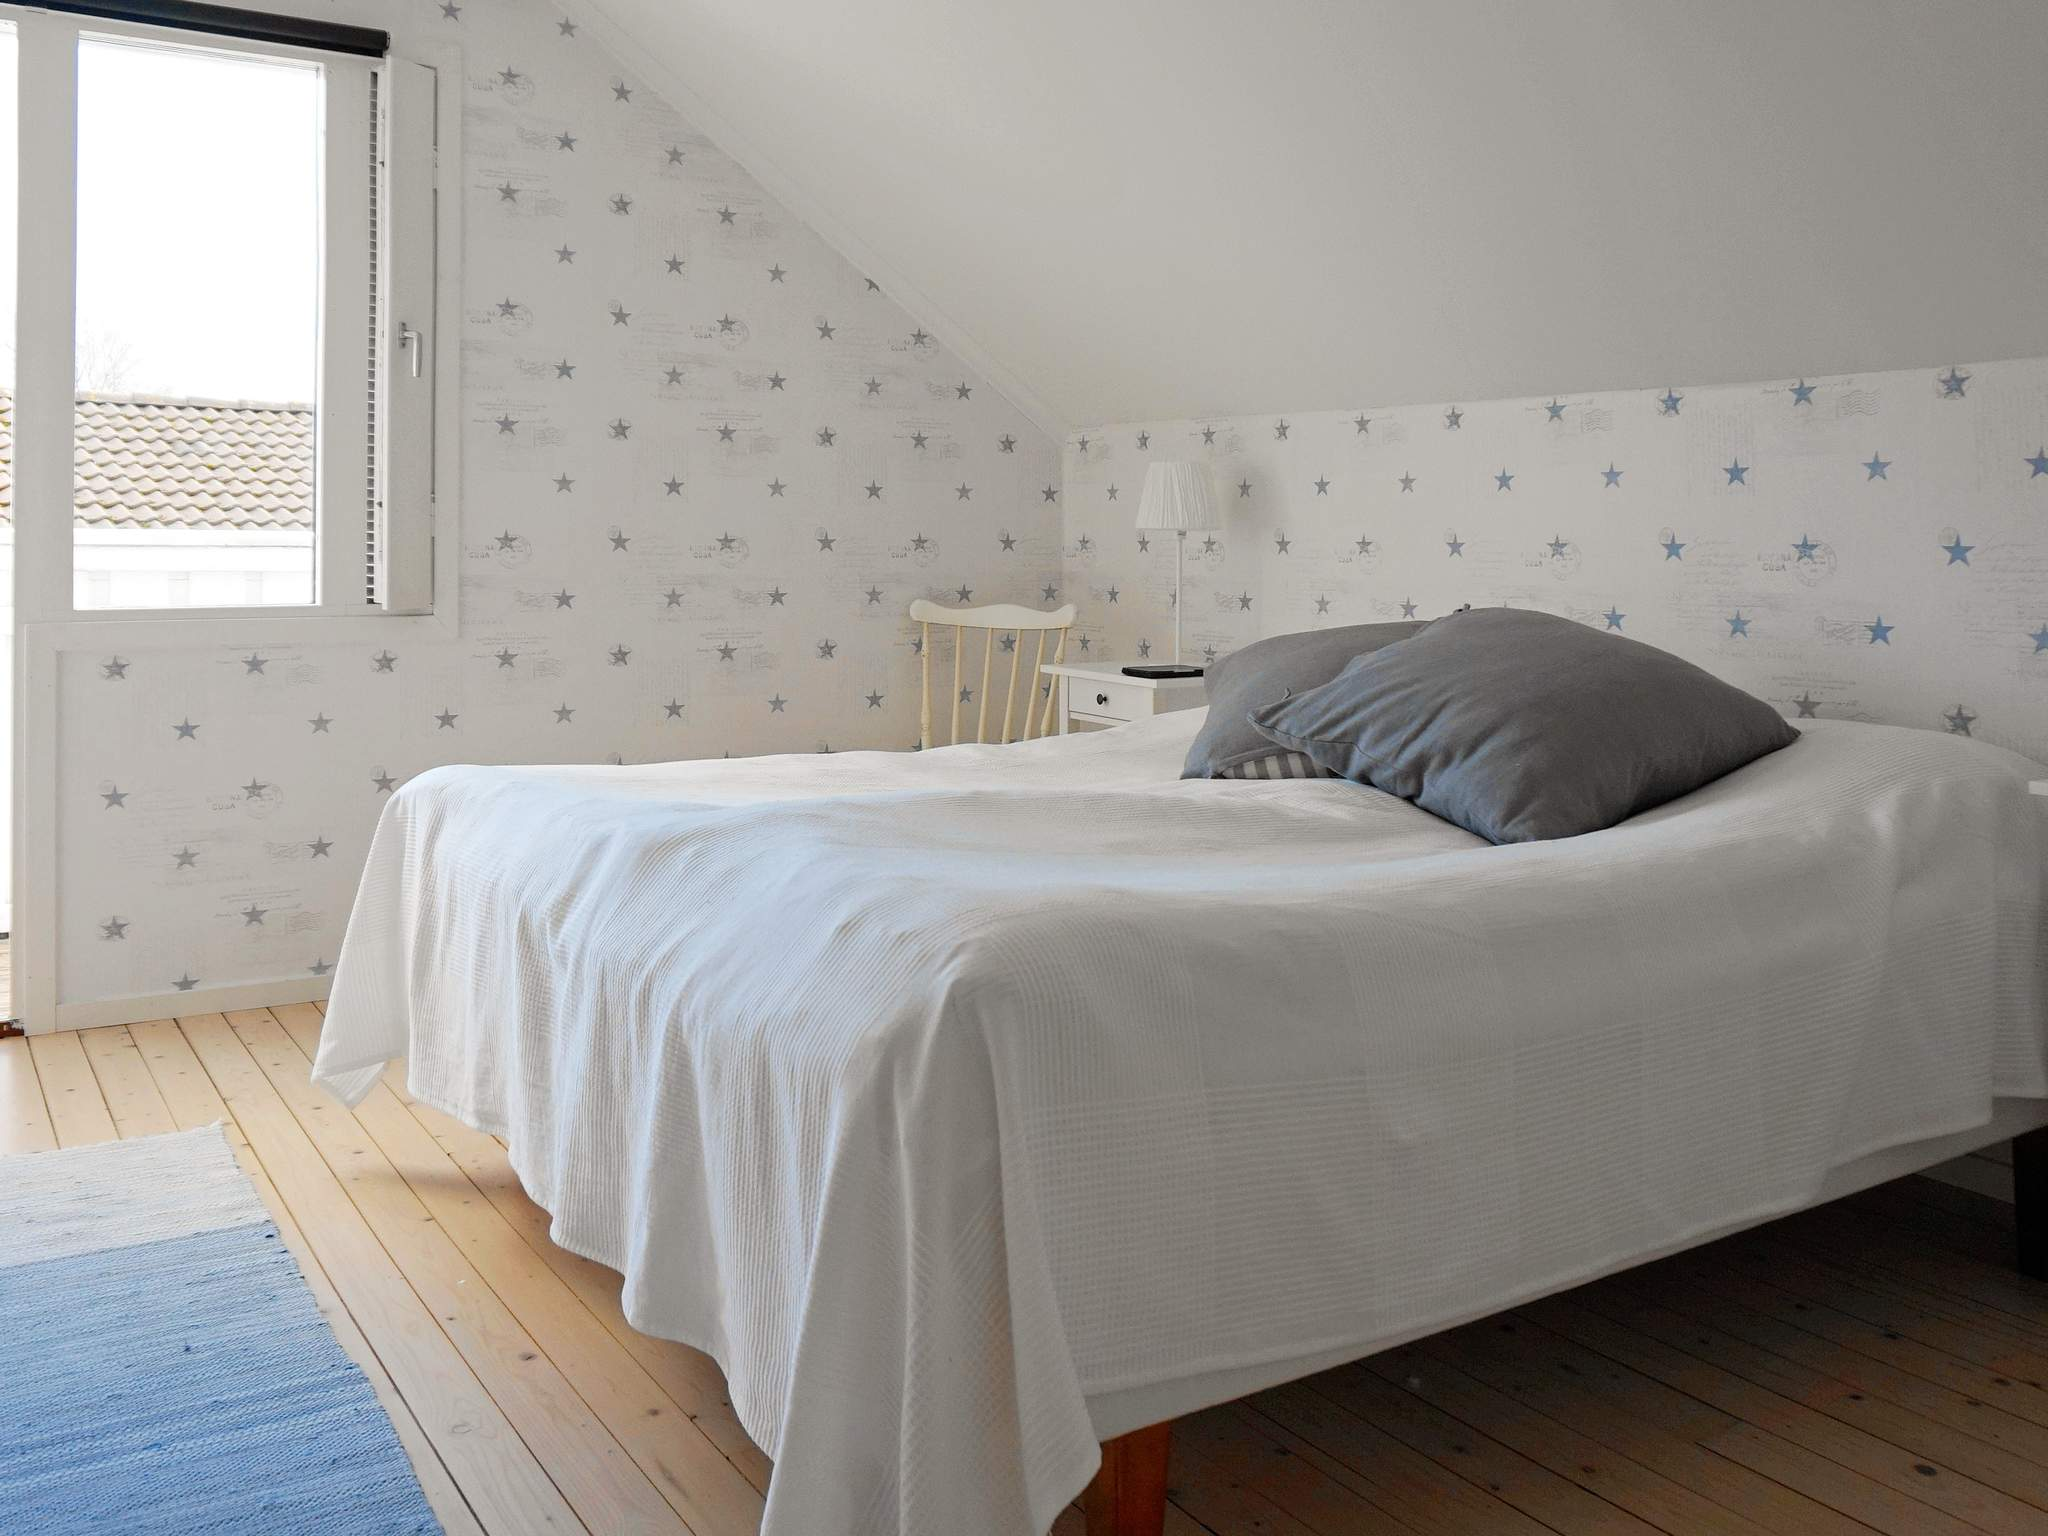 Ferienhaus Tjörn/Skärhamn (2523775), Skärhamn, Tjörn, Westschweden, Schweden, Bild 9